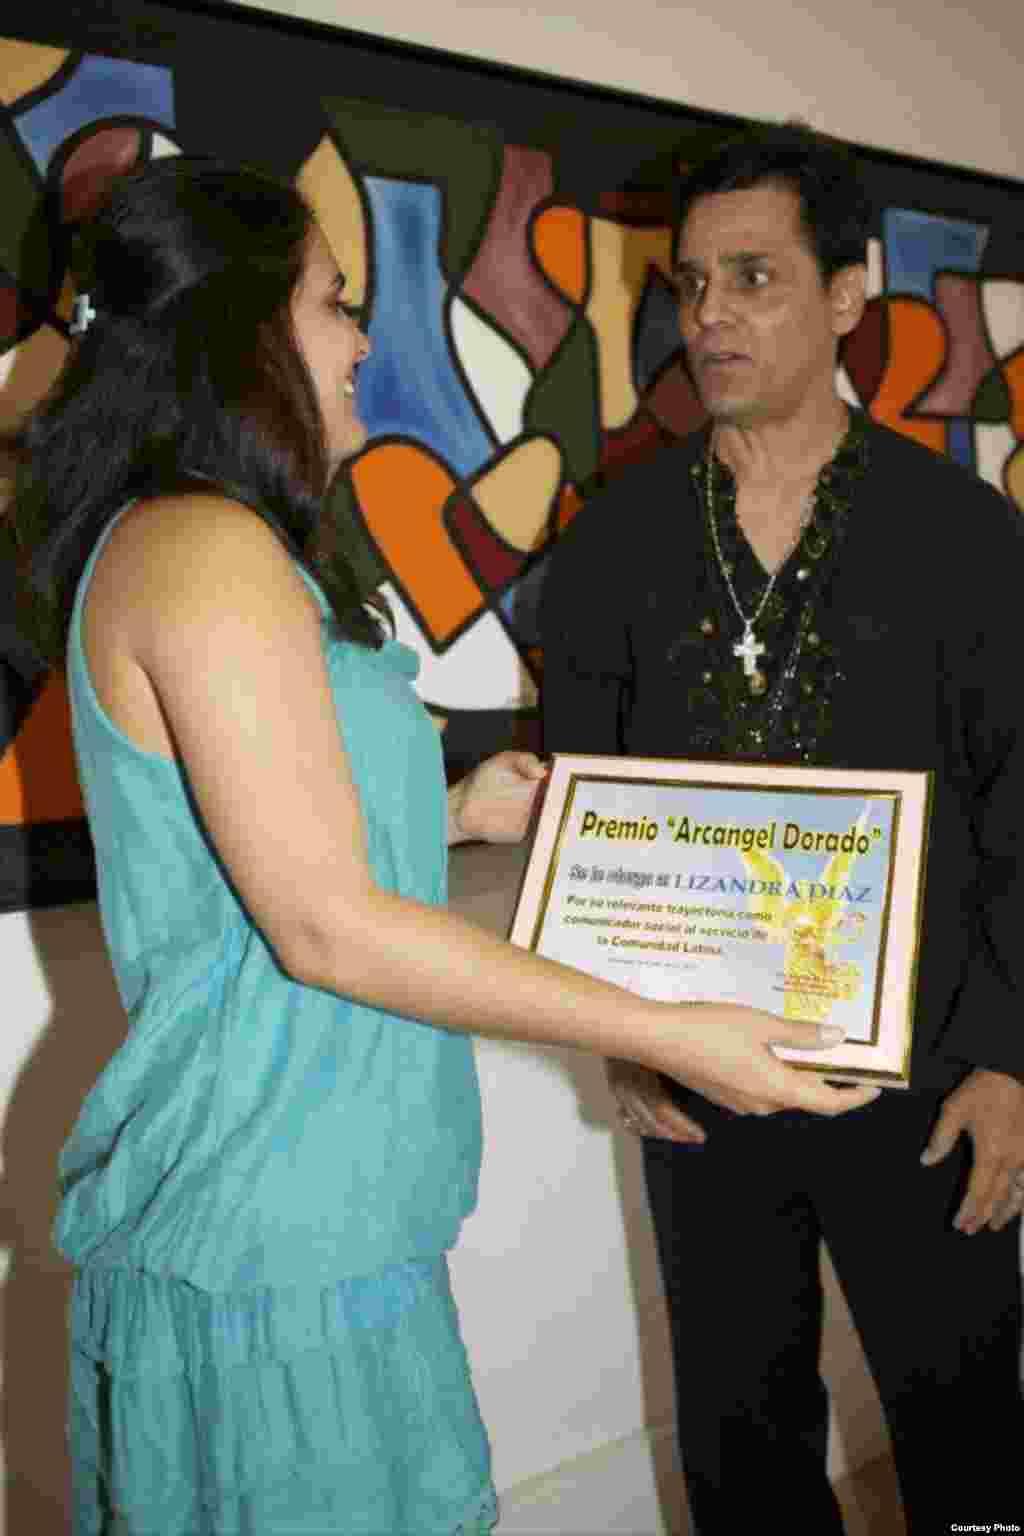 Rolando Baute, el Psíquico de las Estrellas, entrega a Lizandra el Premio Arcángel Dorado.